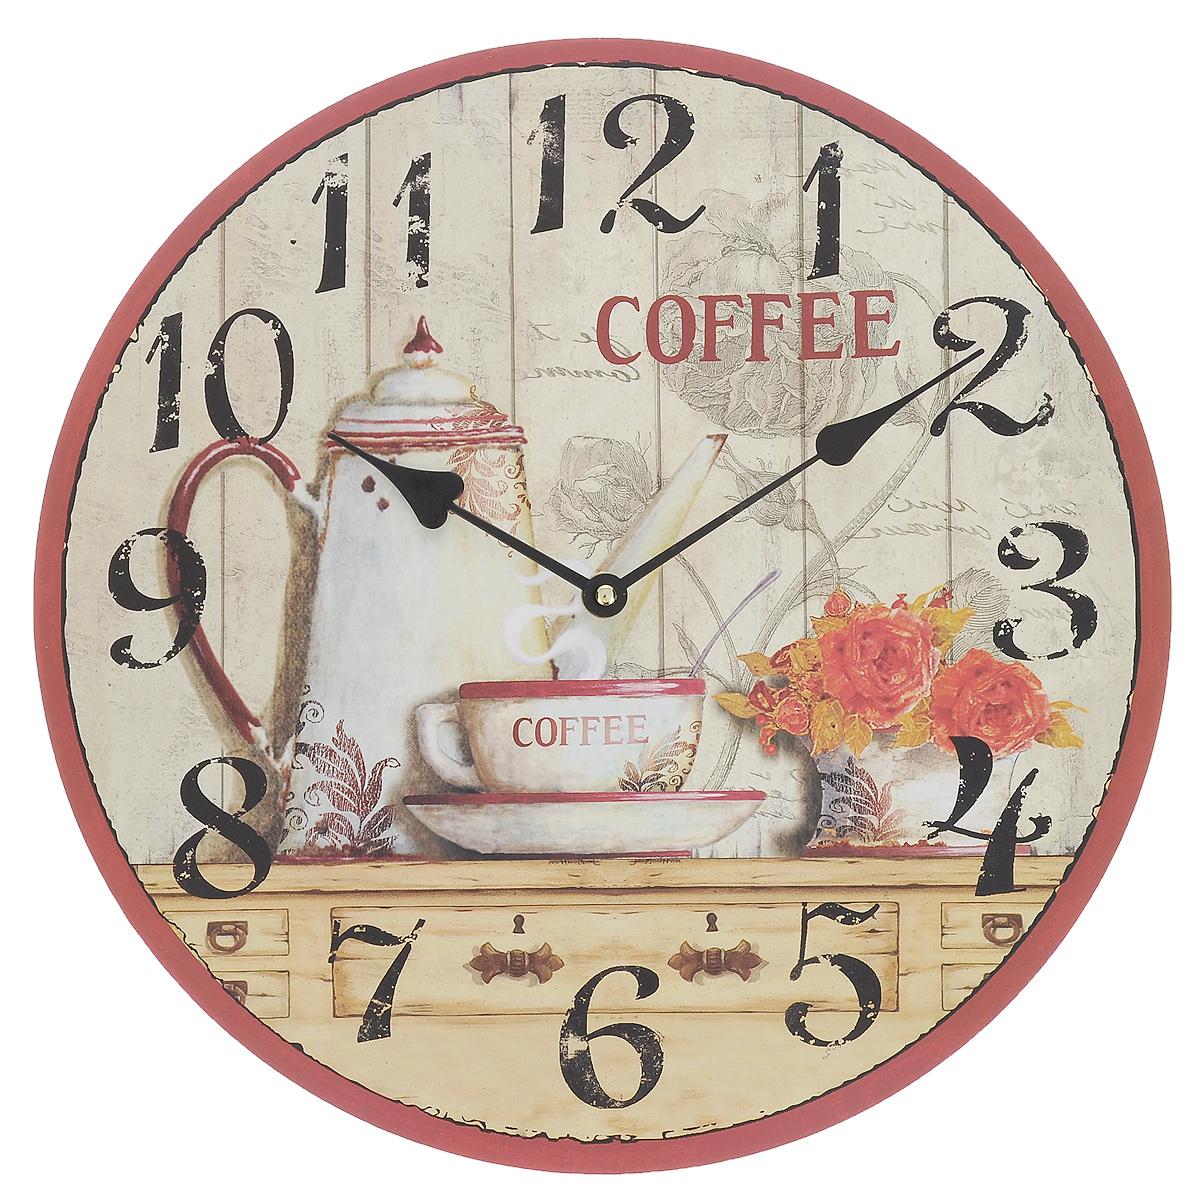 Часы настенные КофеBL09B3431Настенные часы Кофе, выполненные из дерева, прекрасно украсят интерьер вашего помещения. Циферблат круглой формы декорирован оригинальным изображением и имеет две стрелки - часовую и минутную. Оформите свой дом таким интерьерным аксессуаром или преподнесите его в качестве презента друзьям, и они оценят ваш оригинальный вкус и неординарность подарка.